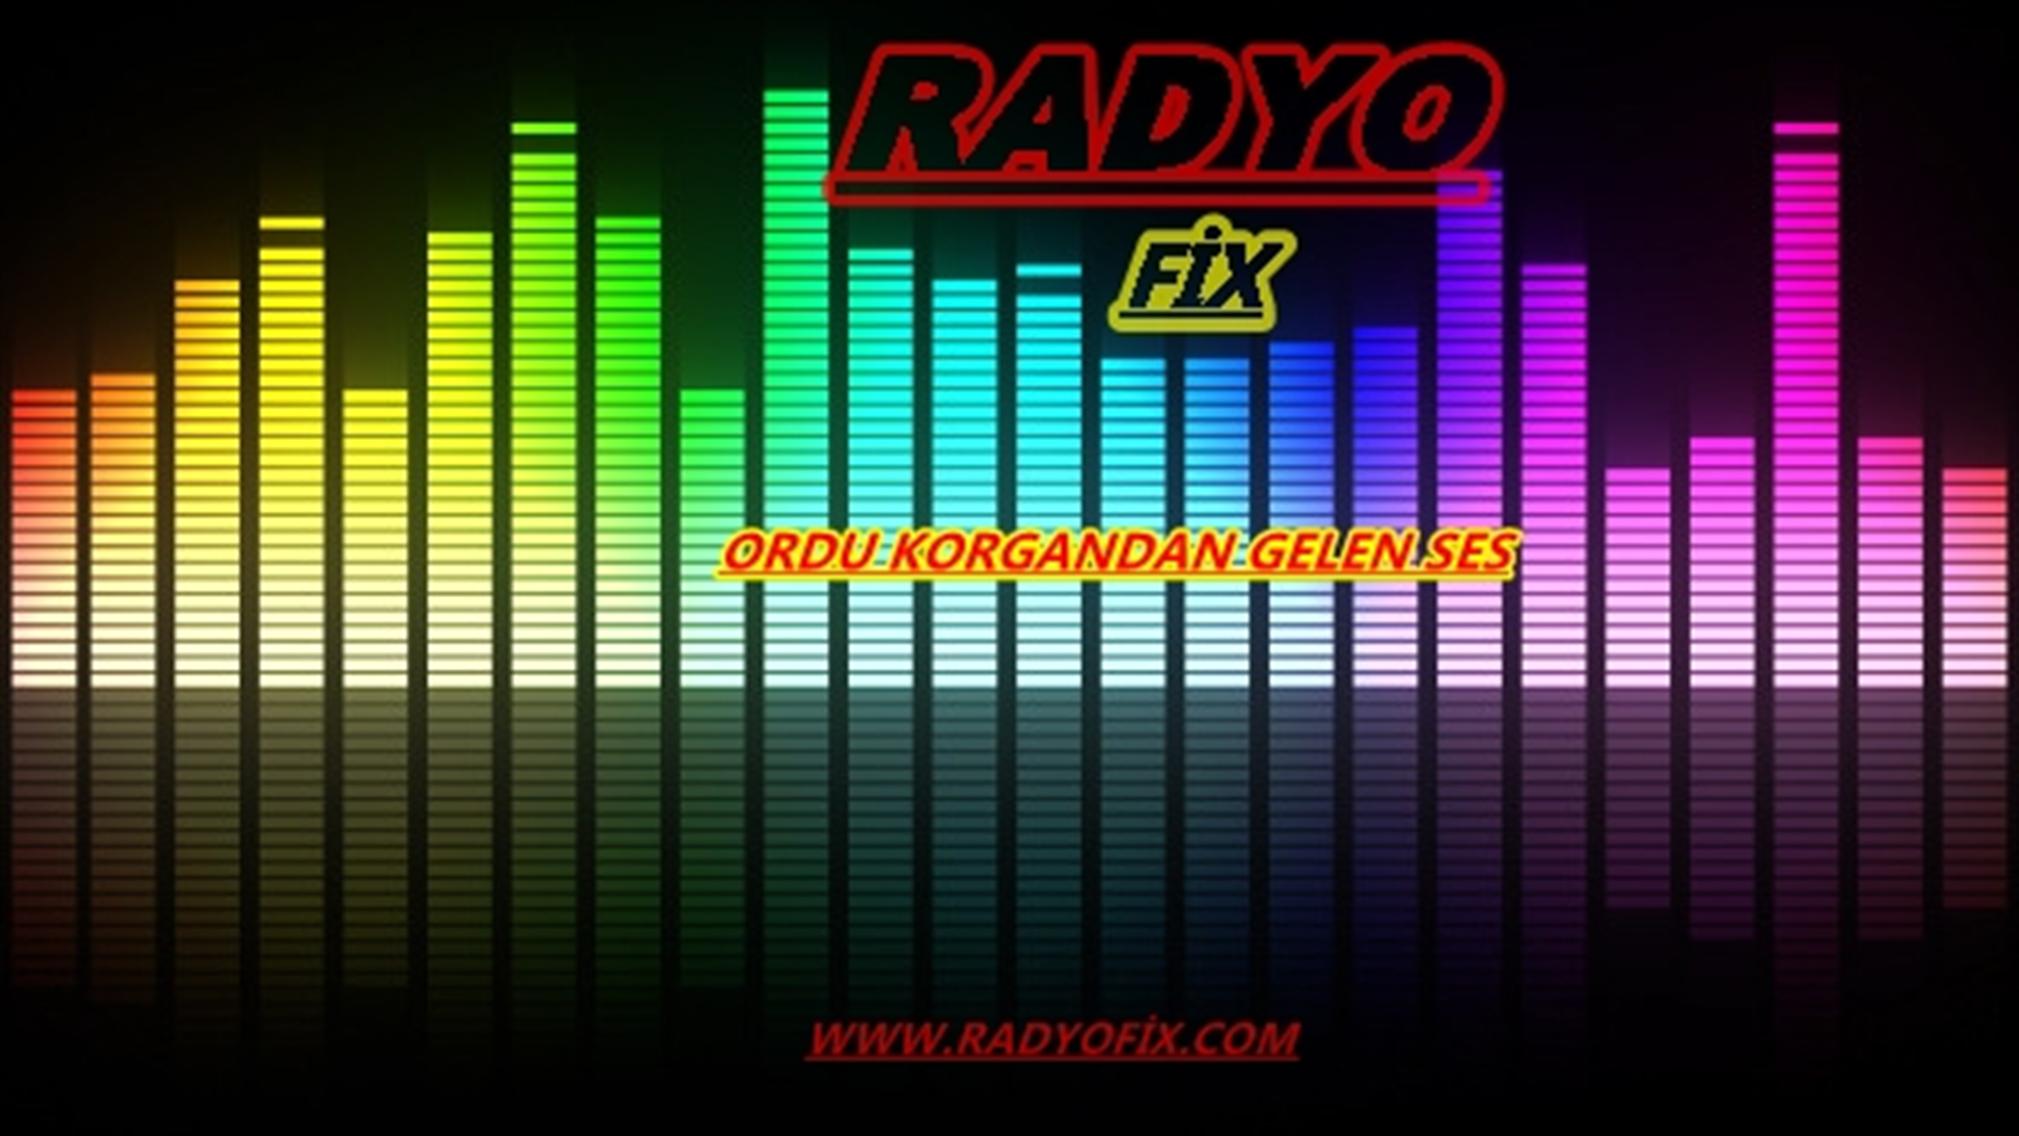 radyofixkorgan